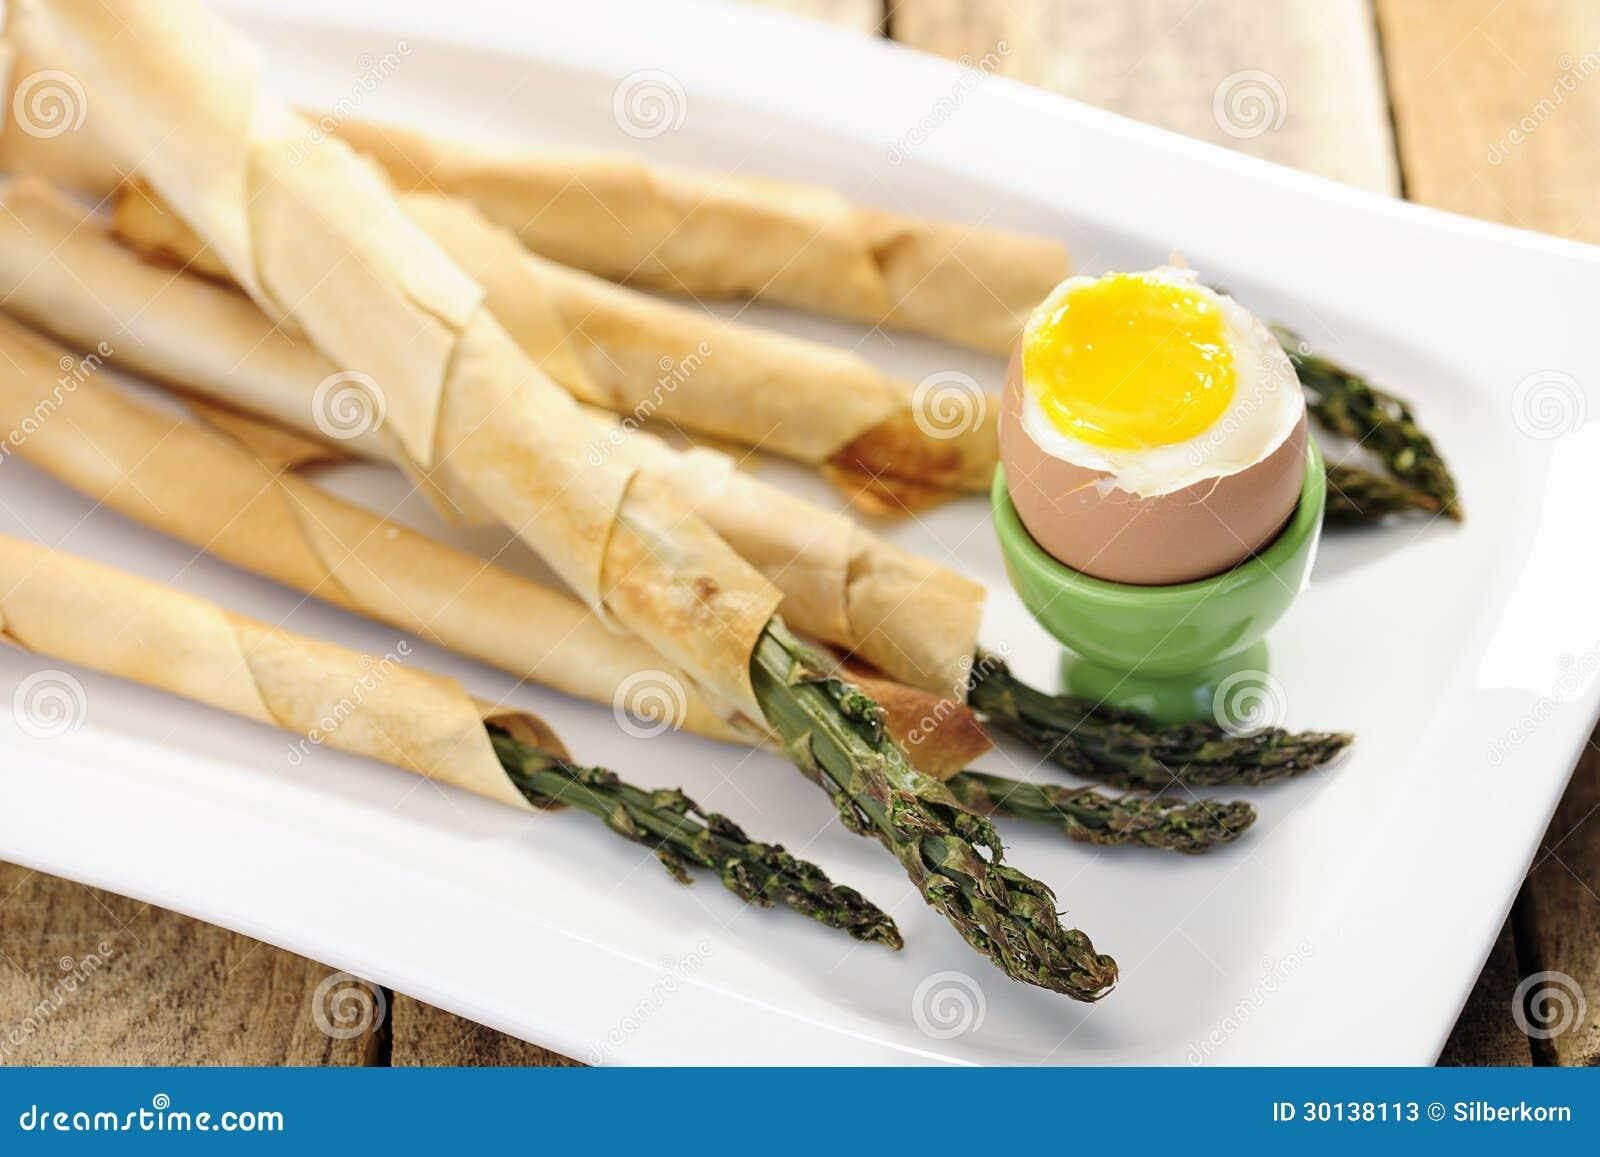 Jedzenie: Asparagus zawijający w cienkim ptysiowym cieście z miękkiej części gotowanym jajkiem